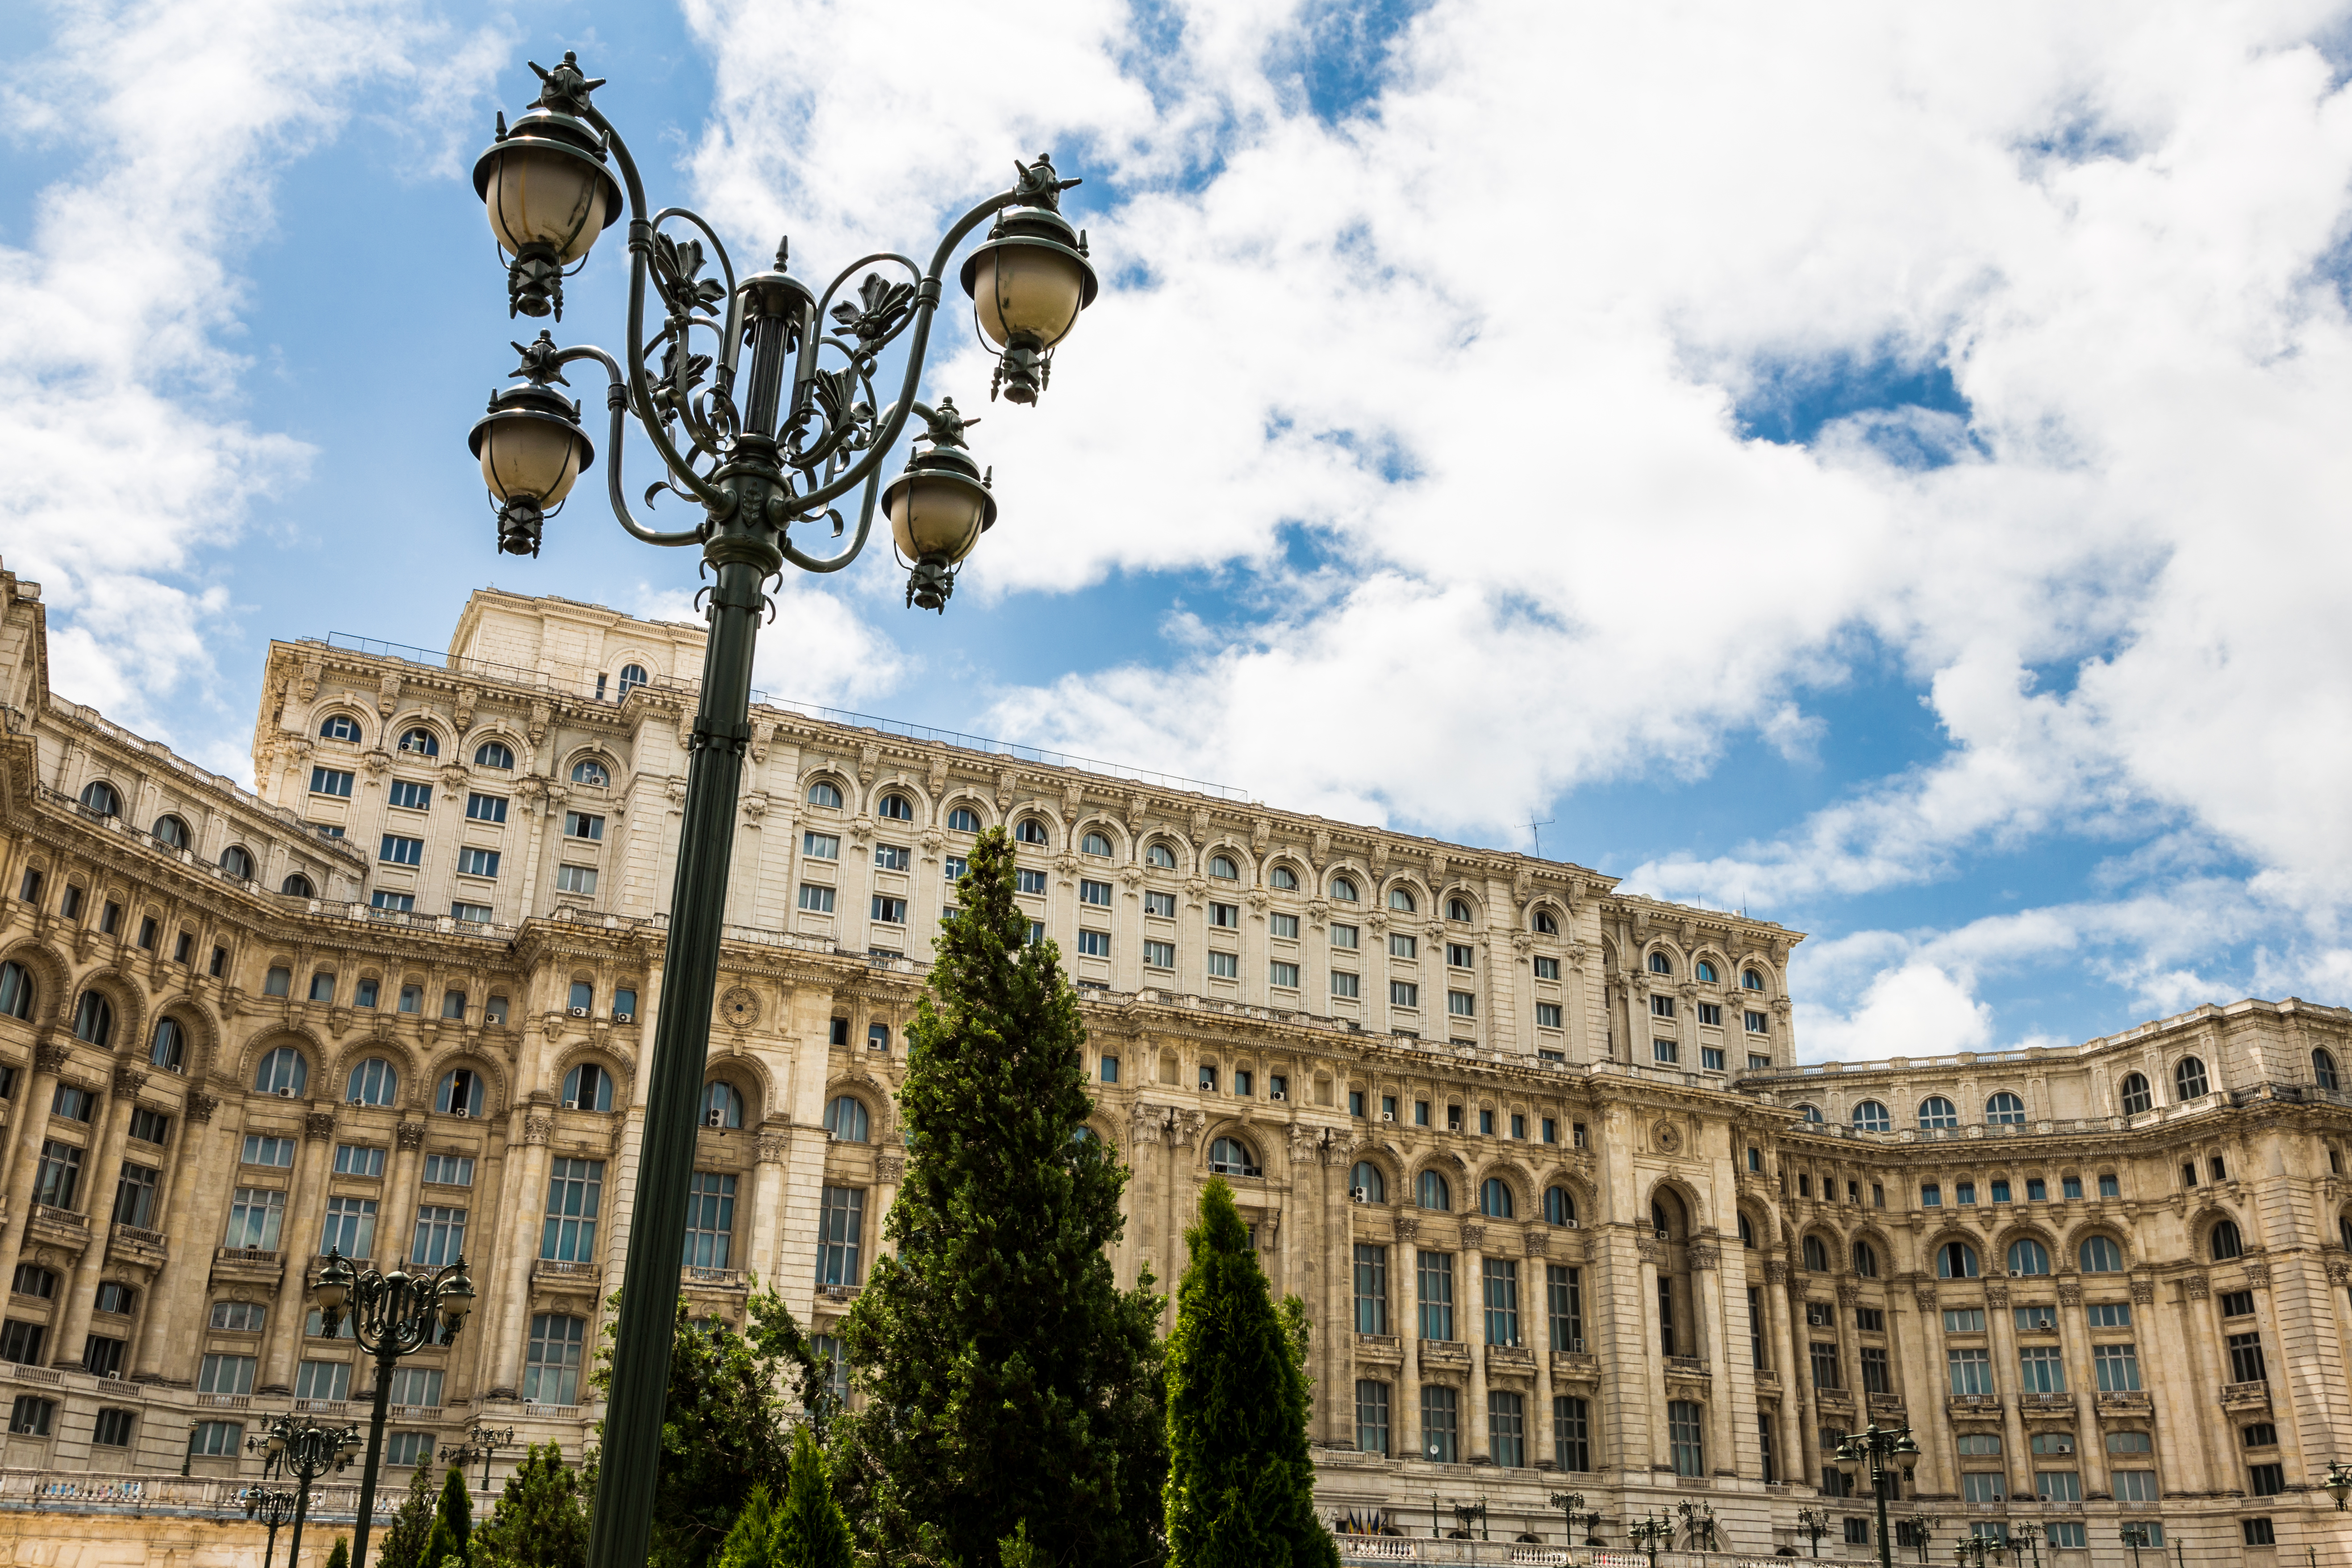 Una visita al mastodóntico Palacio del parlamento ideado por Ceausescu - Rumanía Circuito Rumanía, Bulgaria y Mar Negro